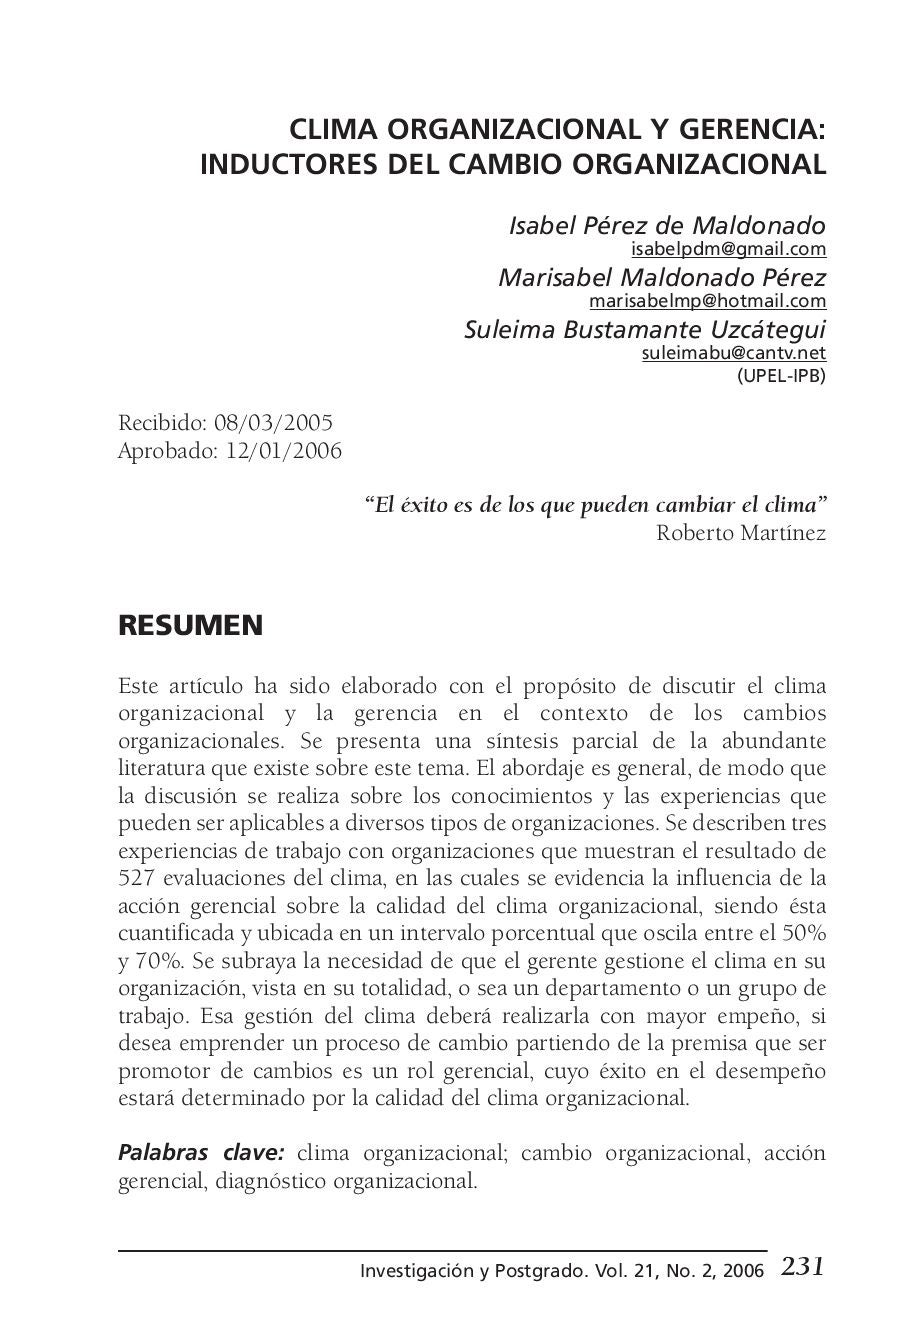 CLIMA ORGANIZACIONAL Y GERENCIA by DR. PPACH - issuu